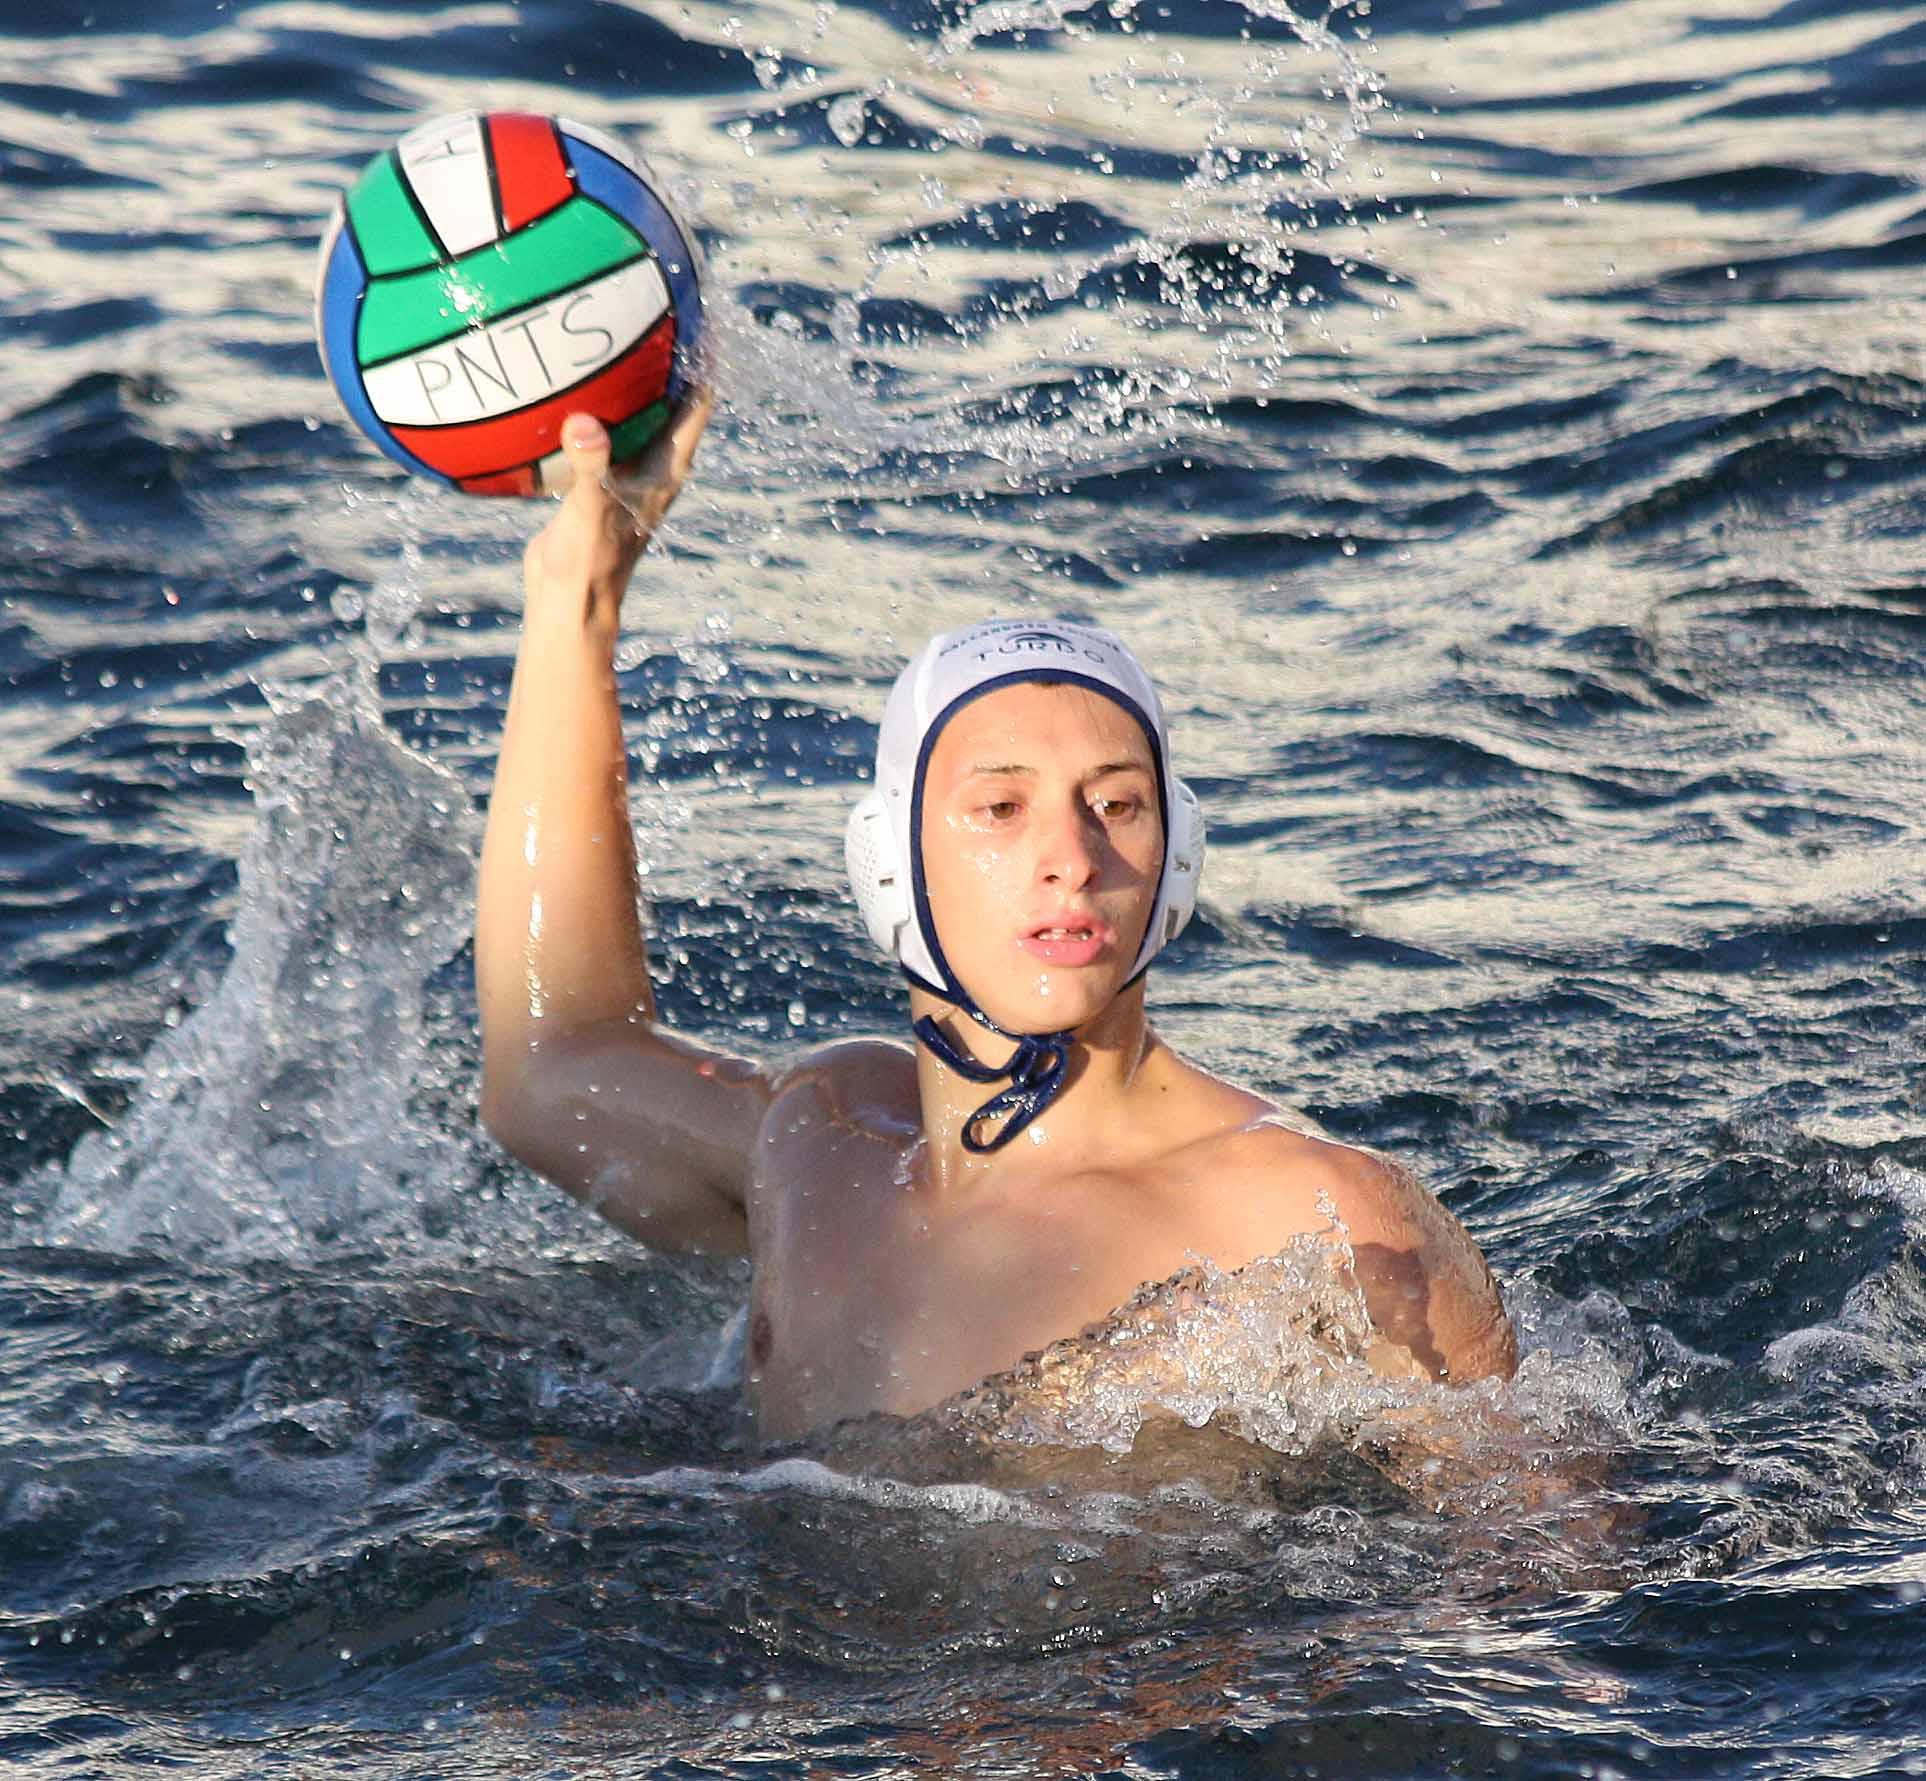 Coppa Italia. Nella terza partita del girone di Savona la Pallanuoto Trieste batte il Torino 81 (13-6). Domenica 25 settembre alle 11.00 con il Rn Savona ultima gara del girone